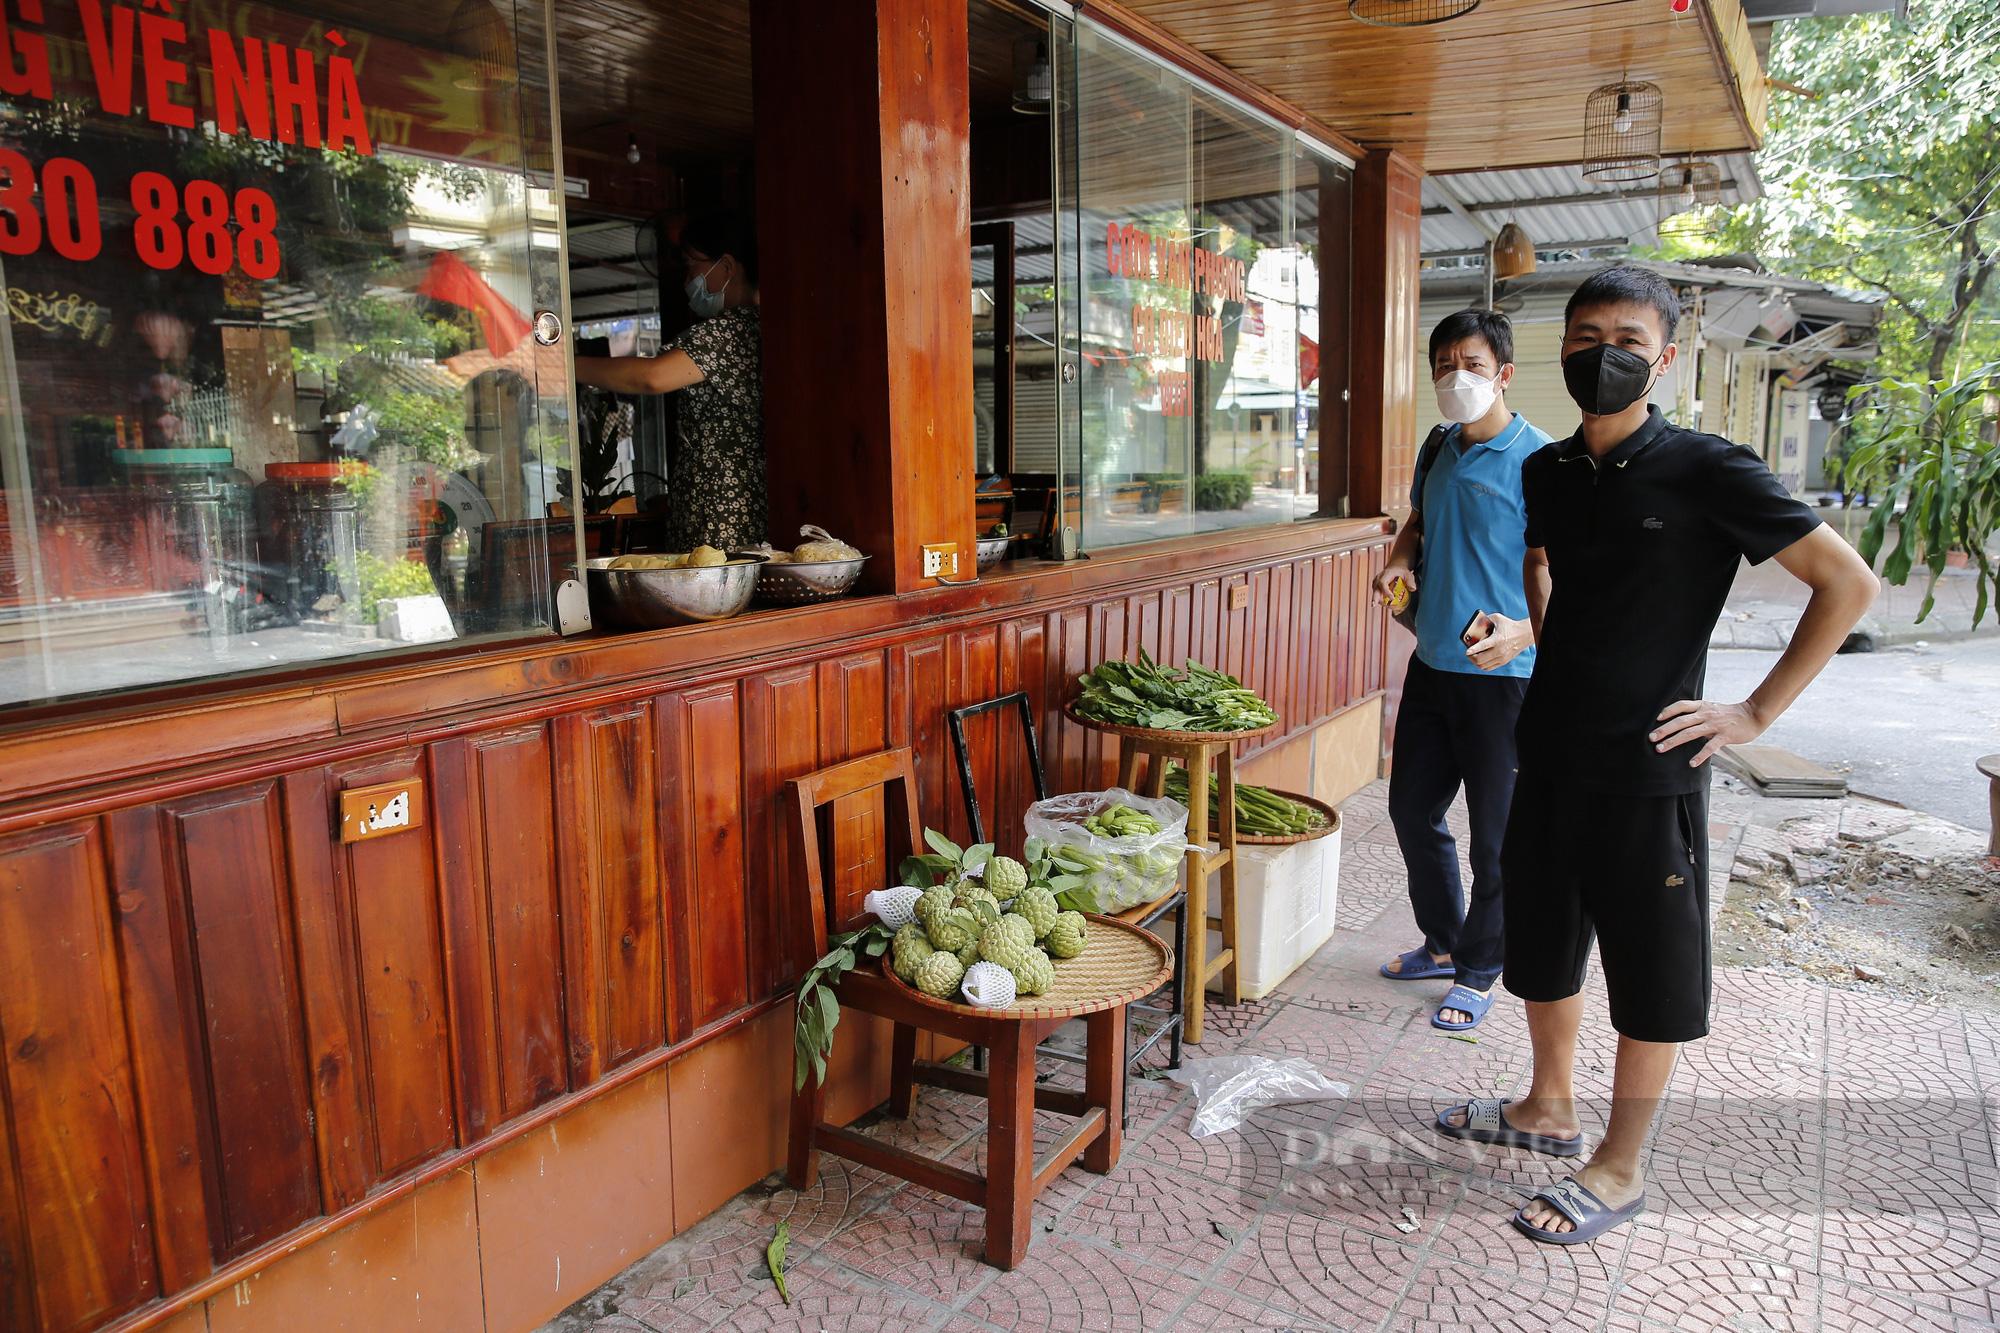 Hà Nội: Nhà hàng, quán cà phê, tiệm cắt tóc... chuyển sang bán thực phẩm thiết yếu - Ảnh 9.